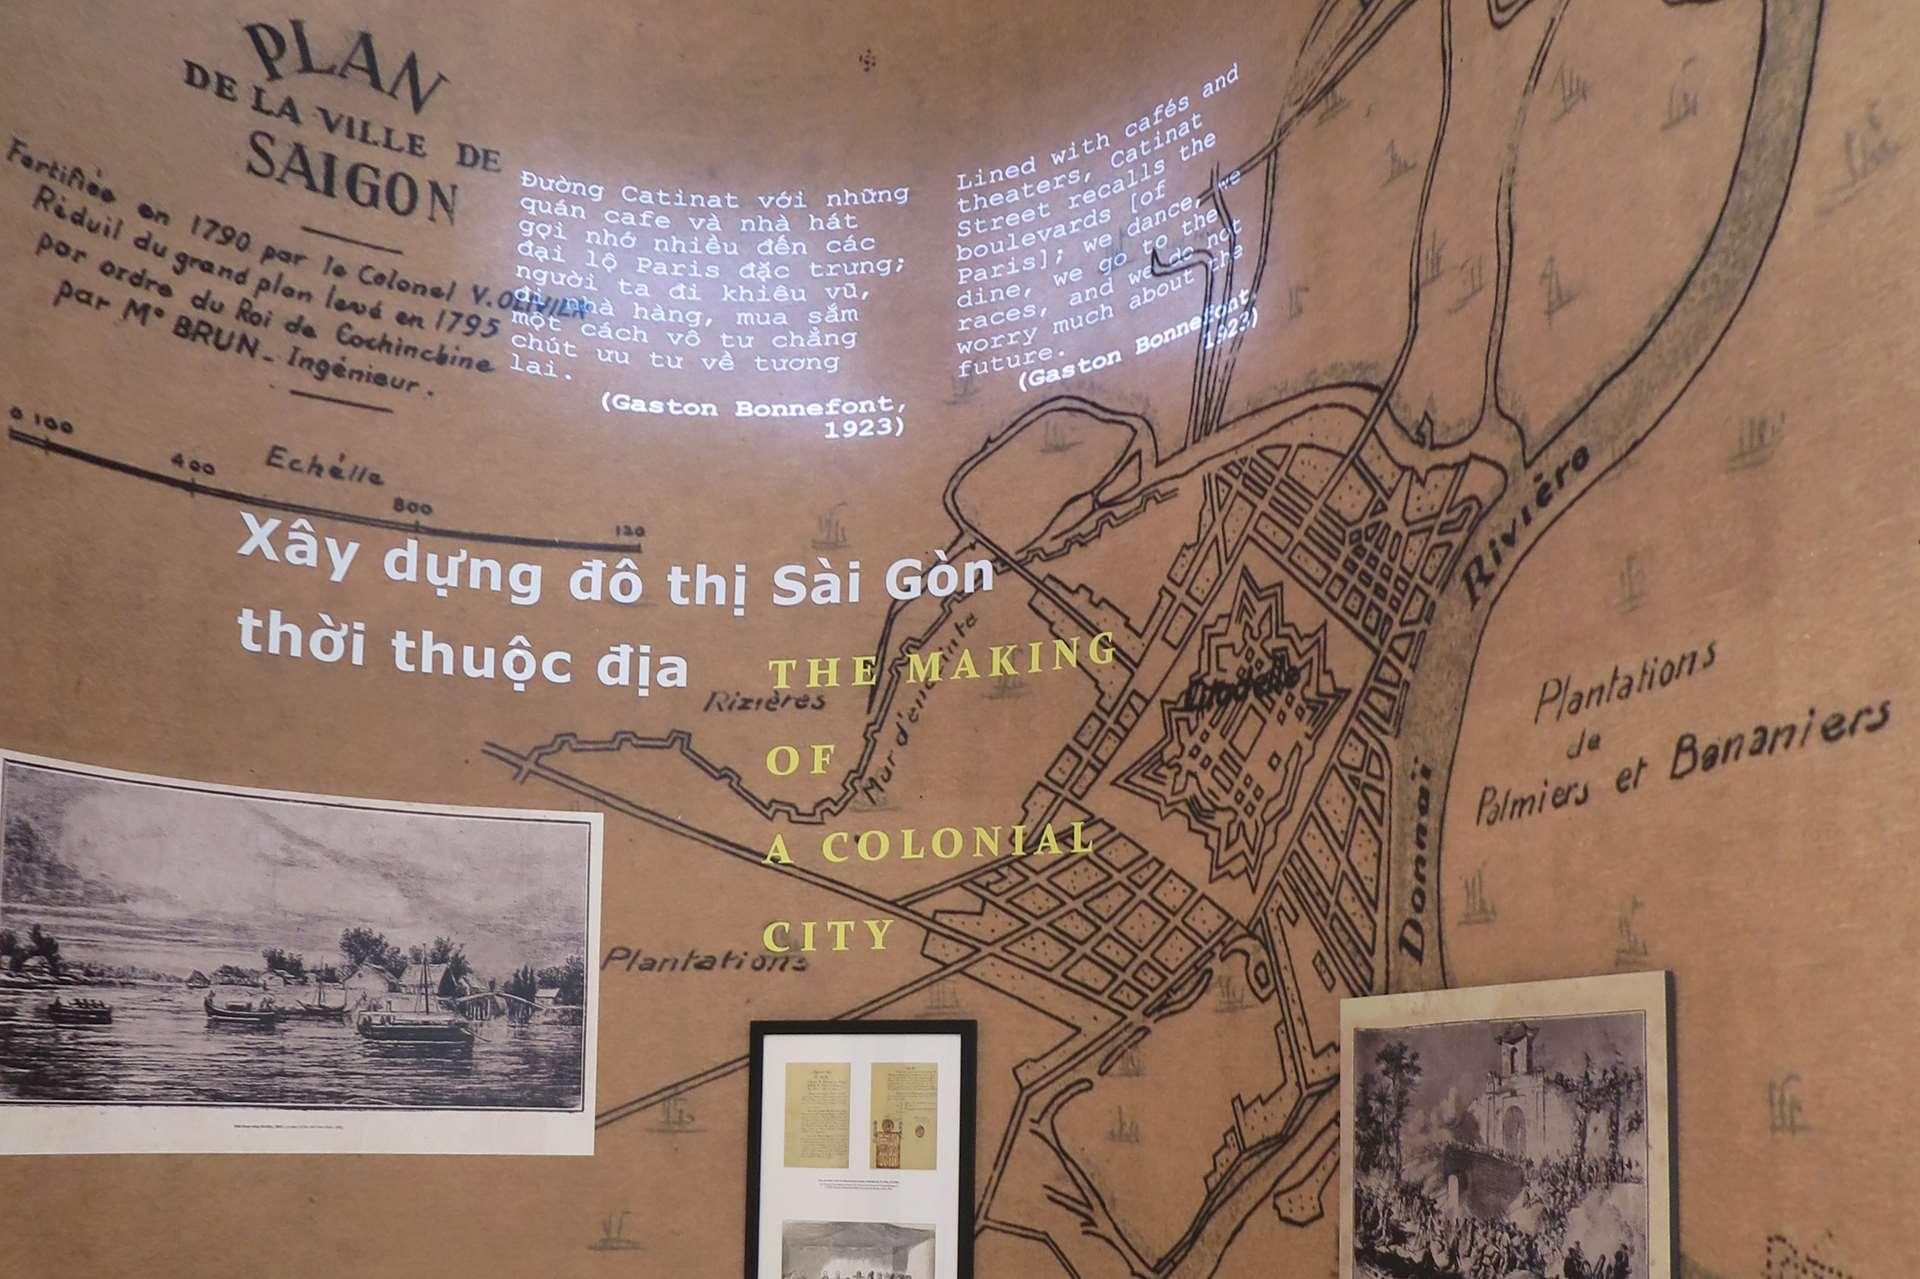 Bản đồ Sài Gòn 1795